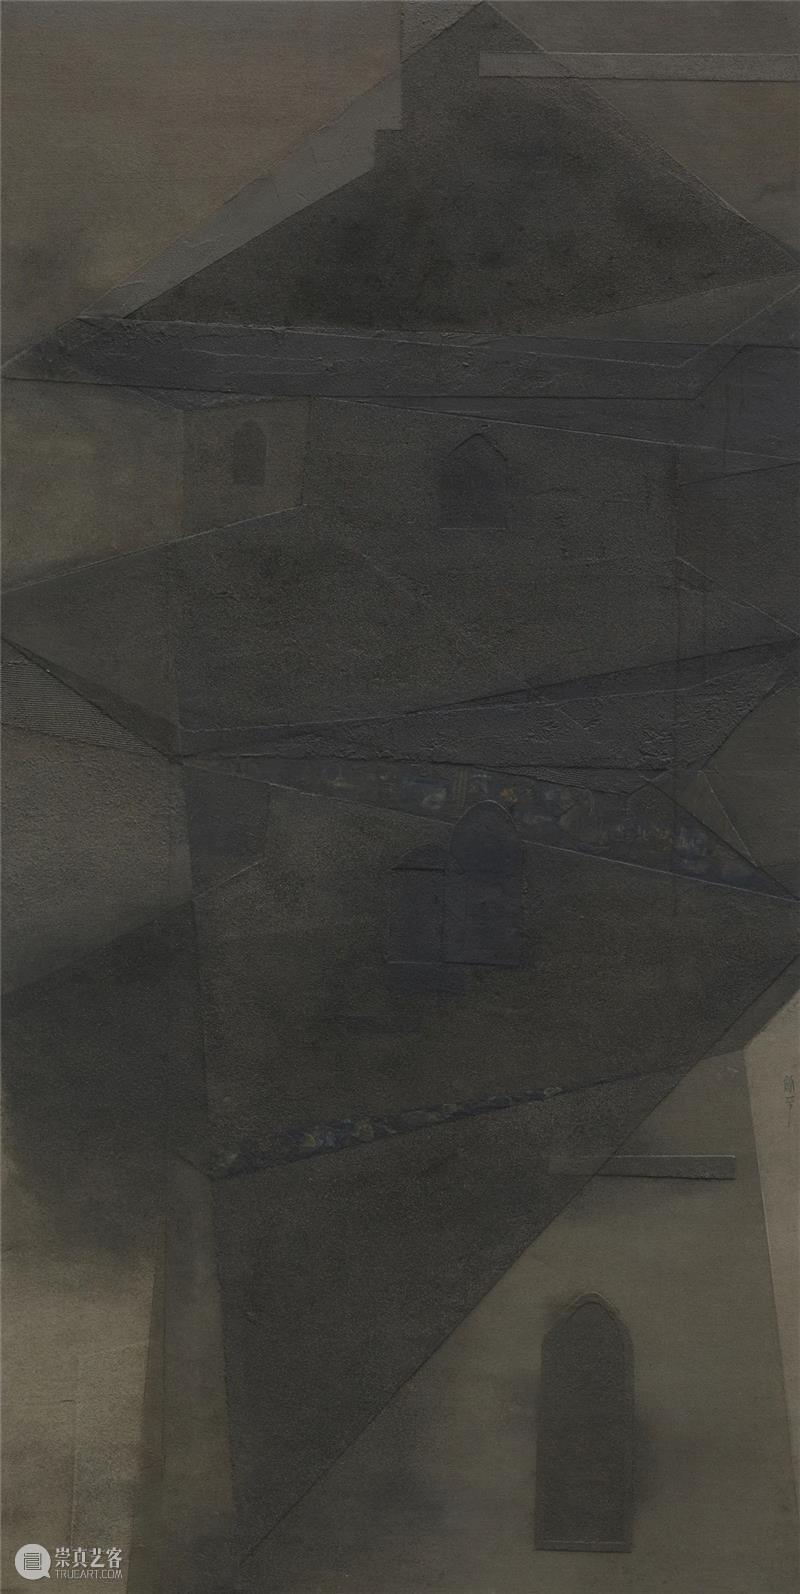 第三届全国(宁波)综合材料绘画双年展 | 展出作品(系列十一) 全国 宁波 作品 综合材料绘画双年展 系列 信息 综合材料绘画 双年展 主办单位 中国美术家协会浙江省文学艺术界联合会 崇真艺客